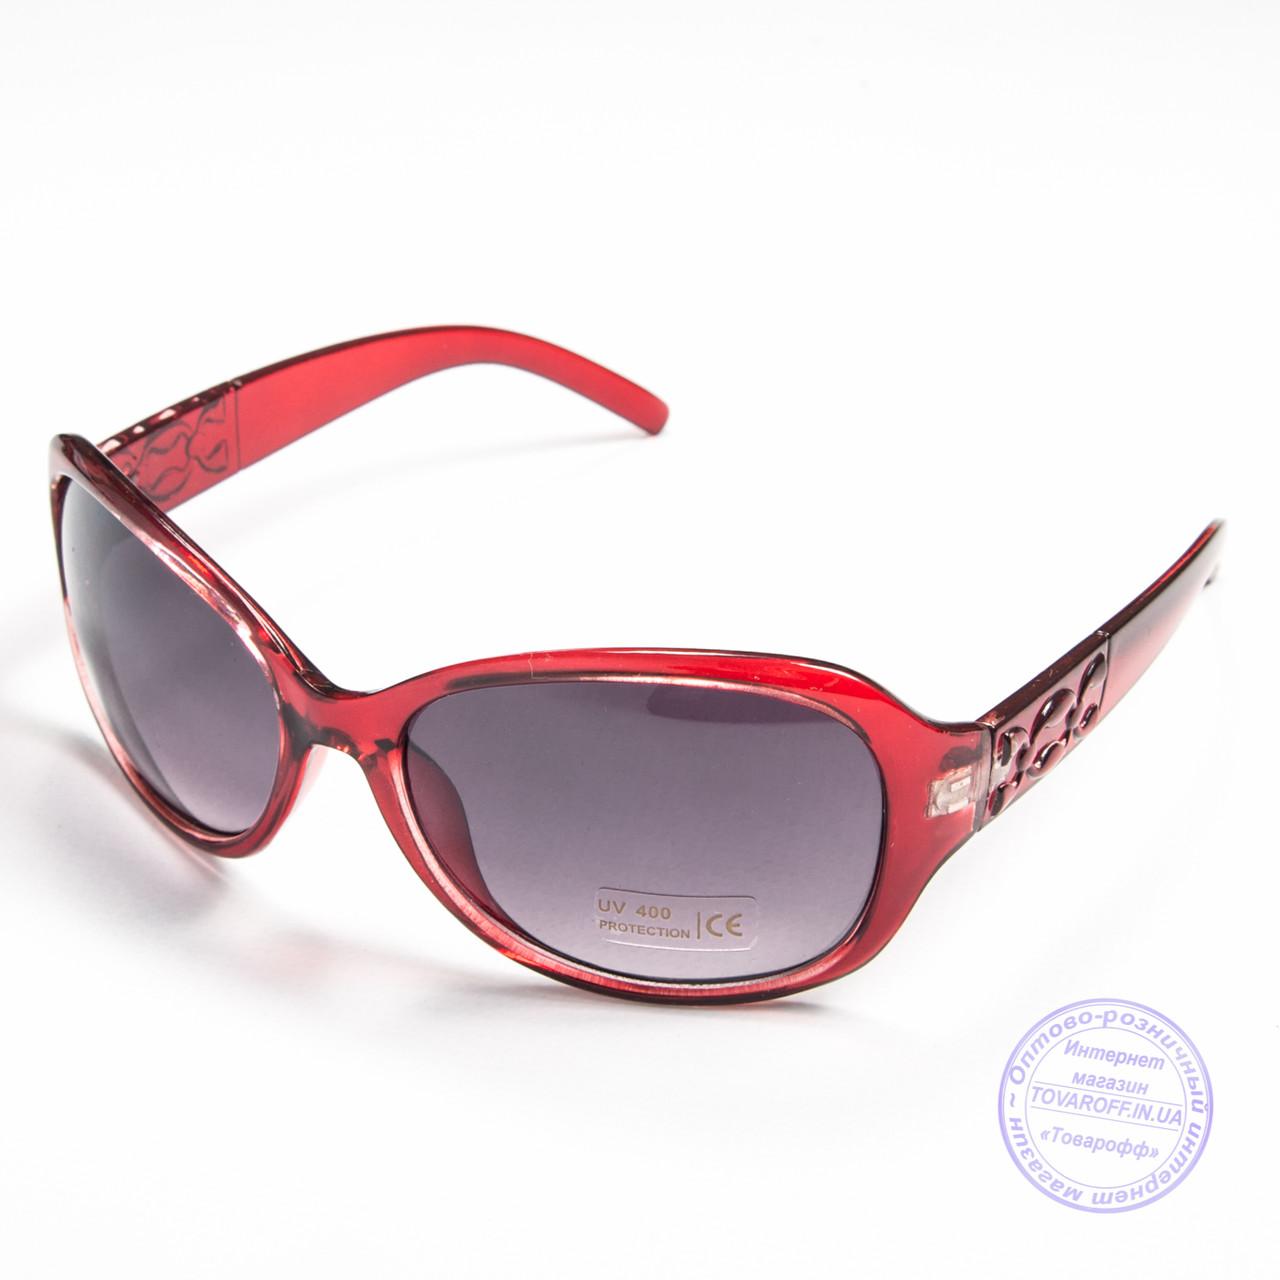 Уцененные женские очки оптом - Красные - B912